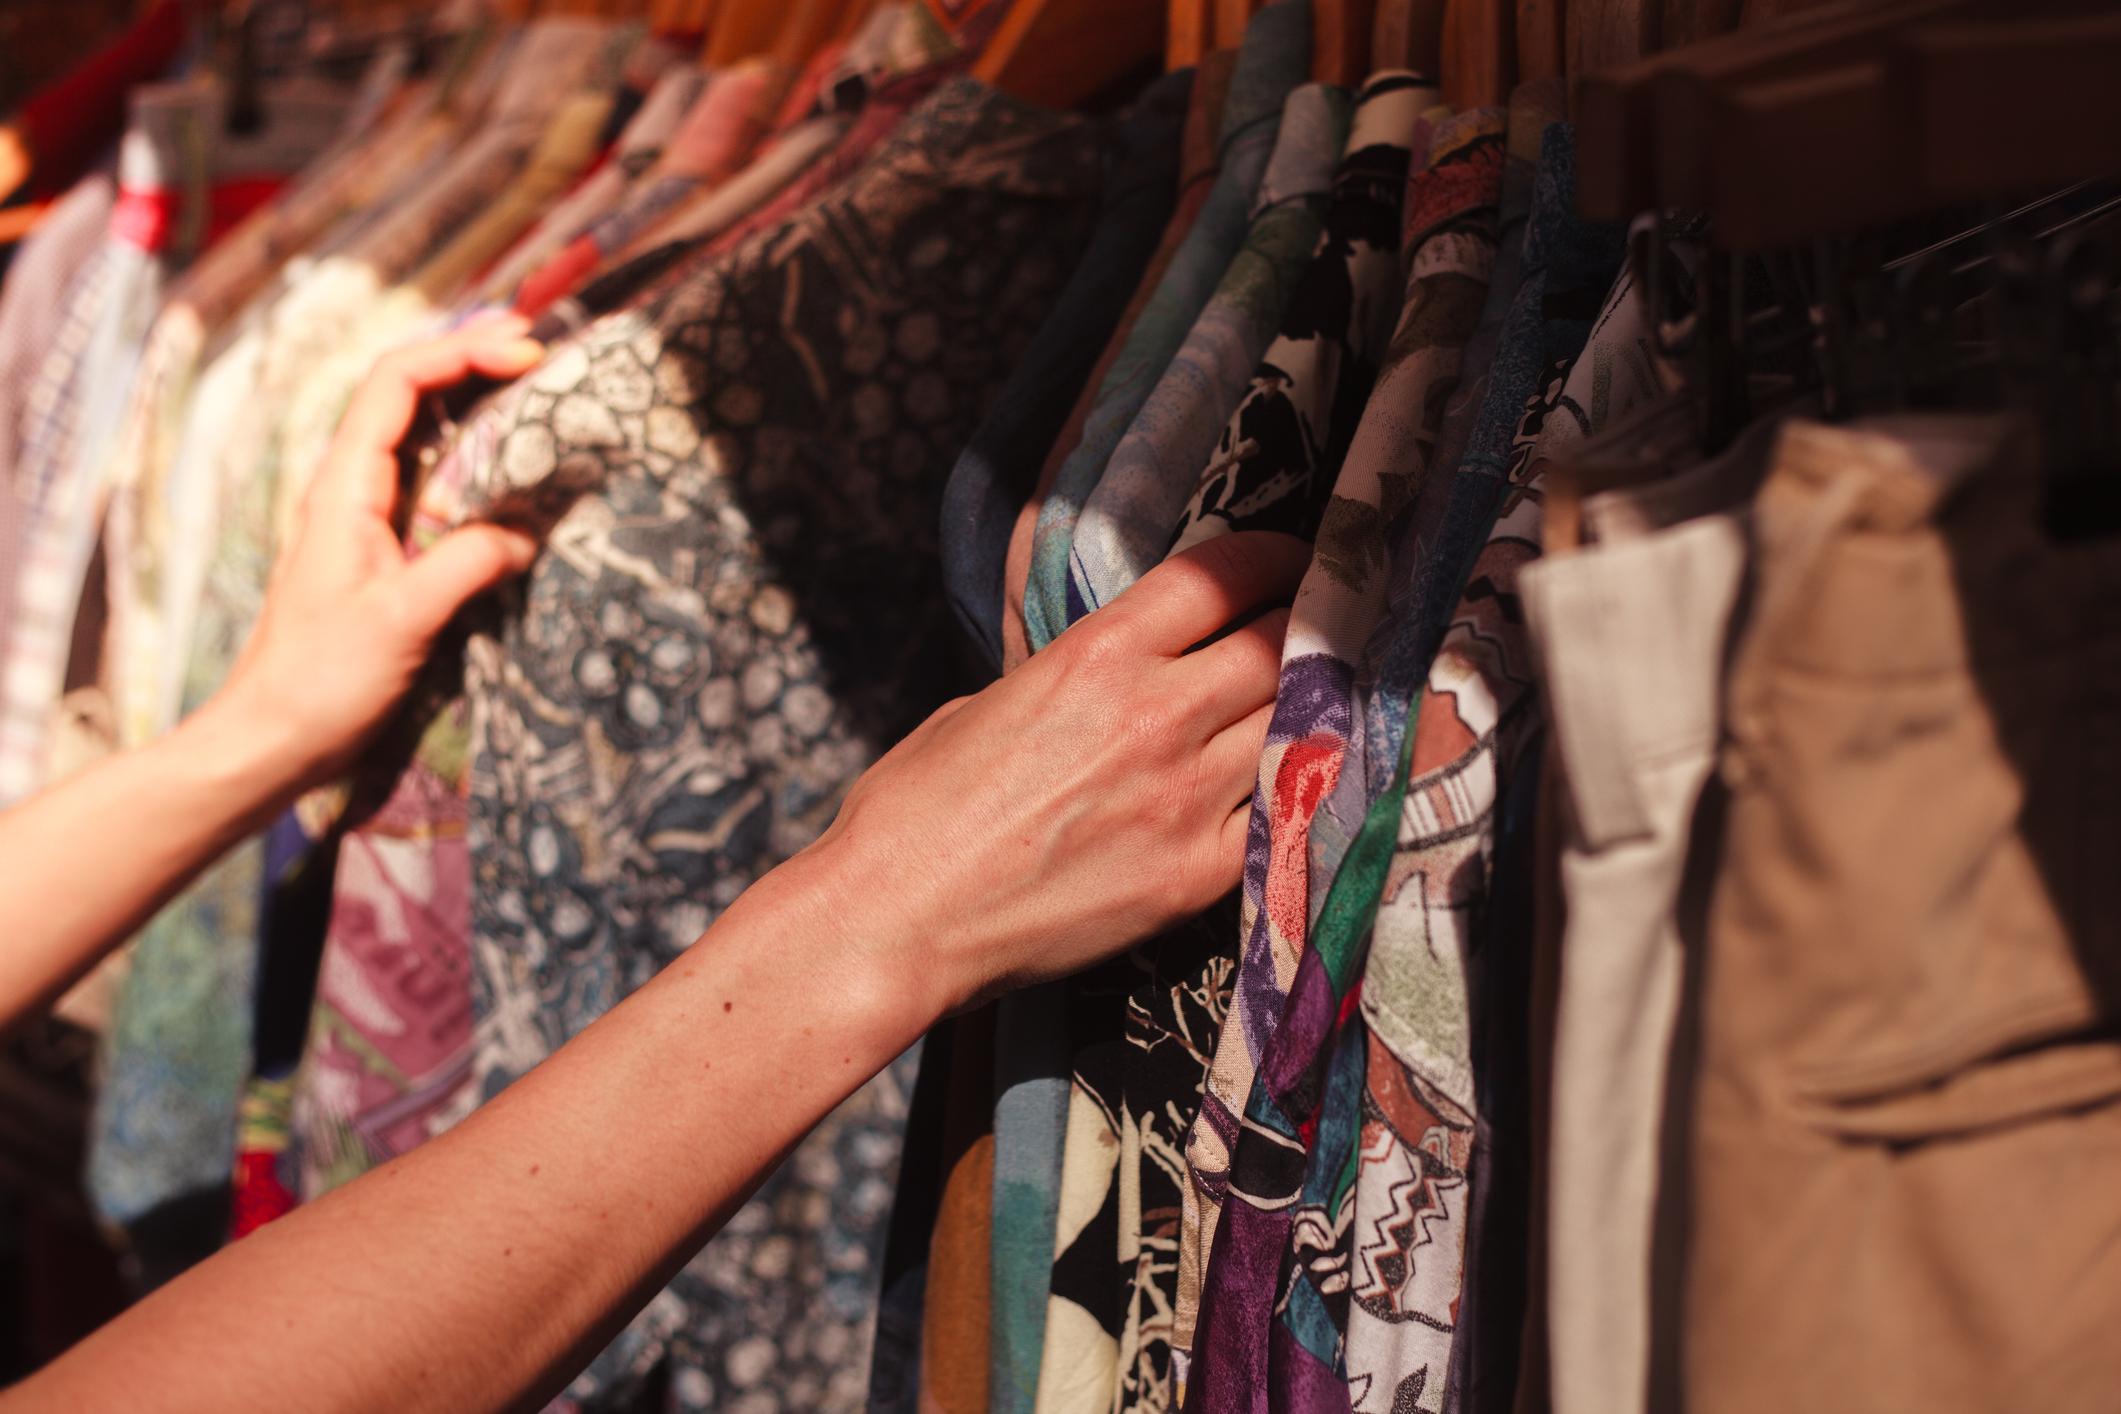 SHOP - Shop our resale shop.